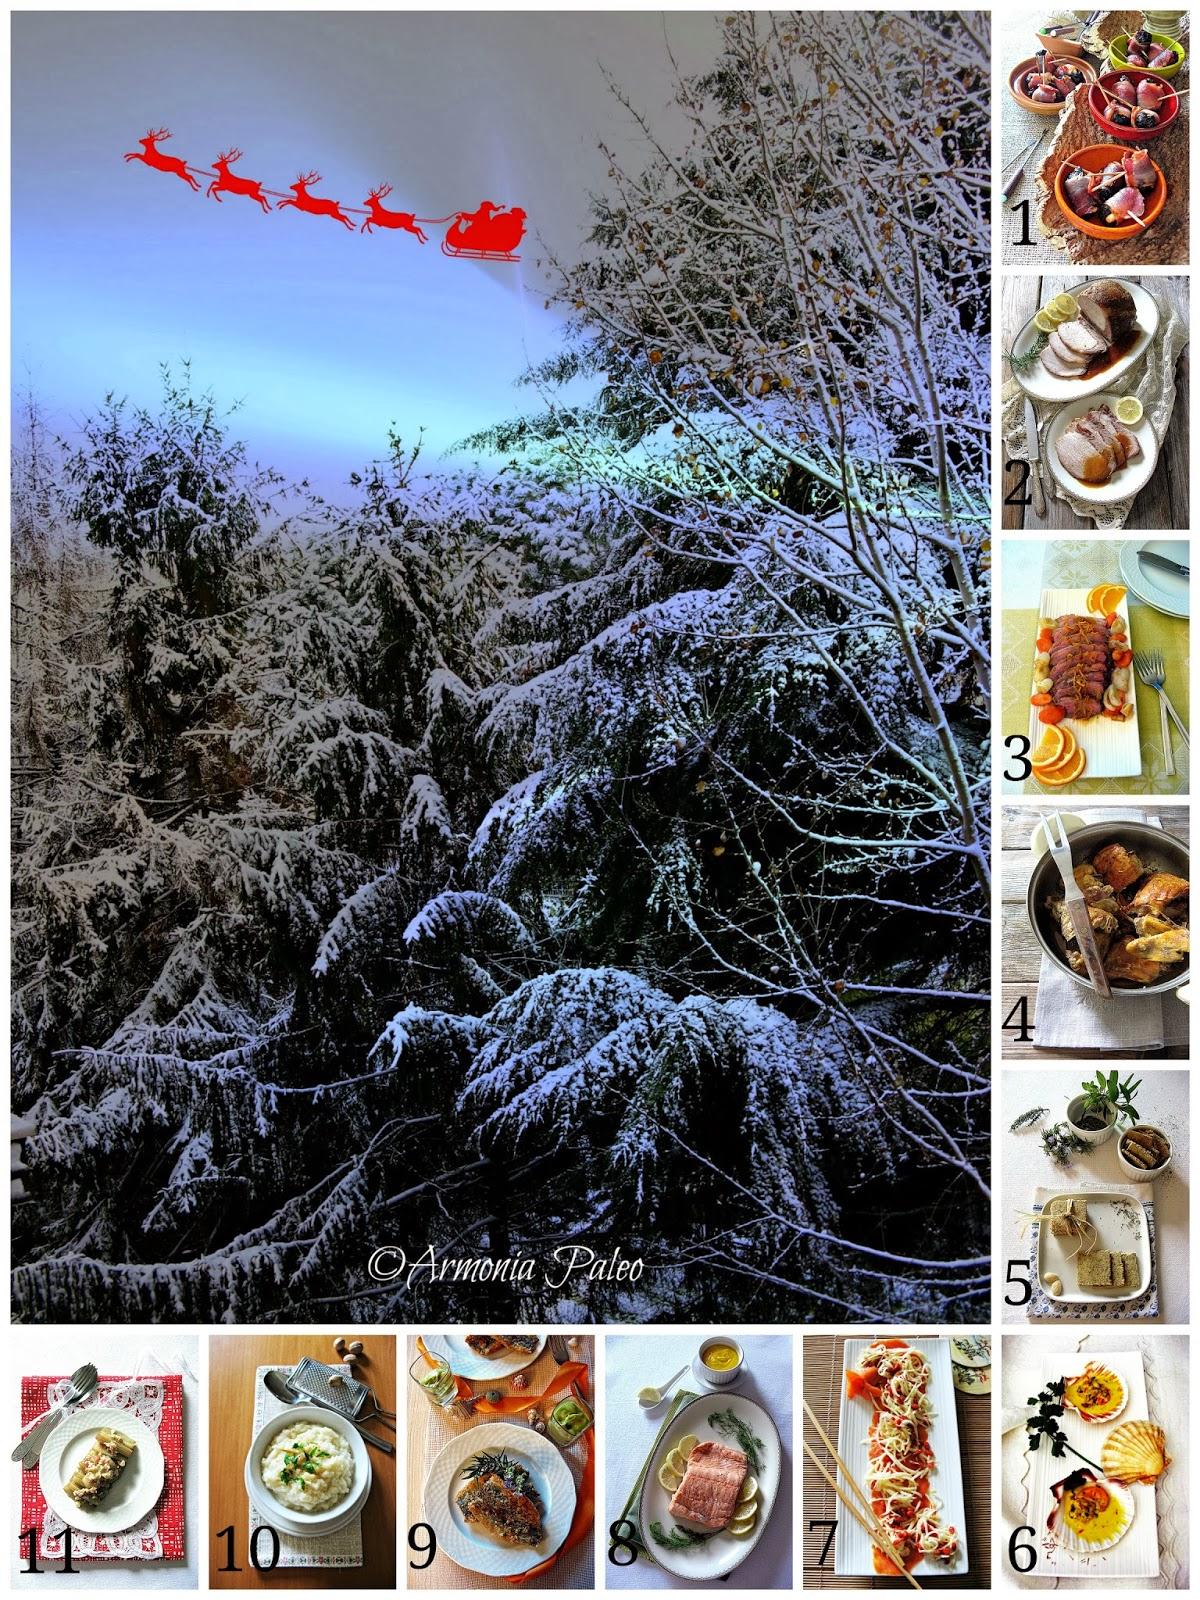 Proposte Menù Natale 2013 di Armonia Paleo